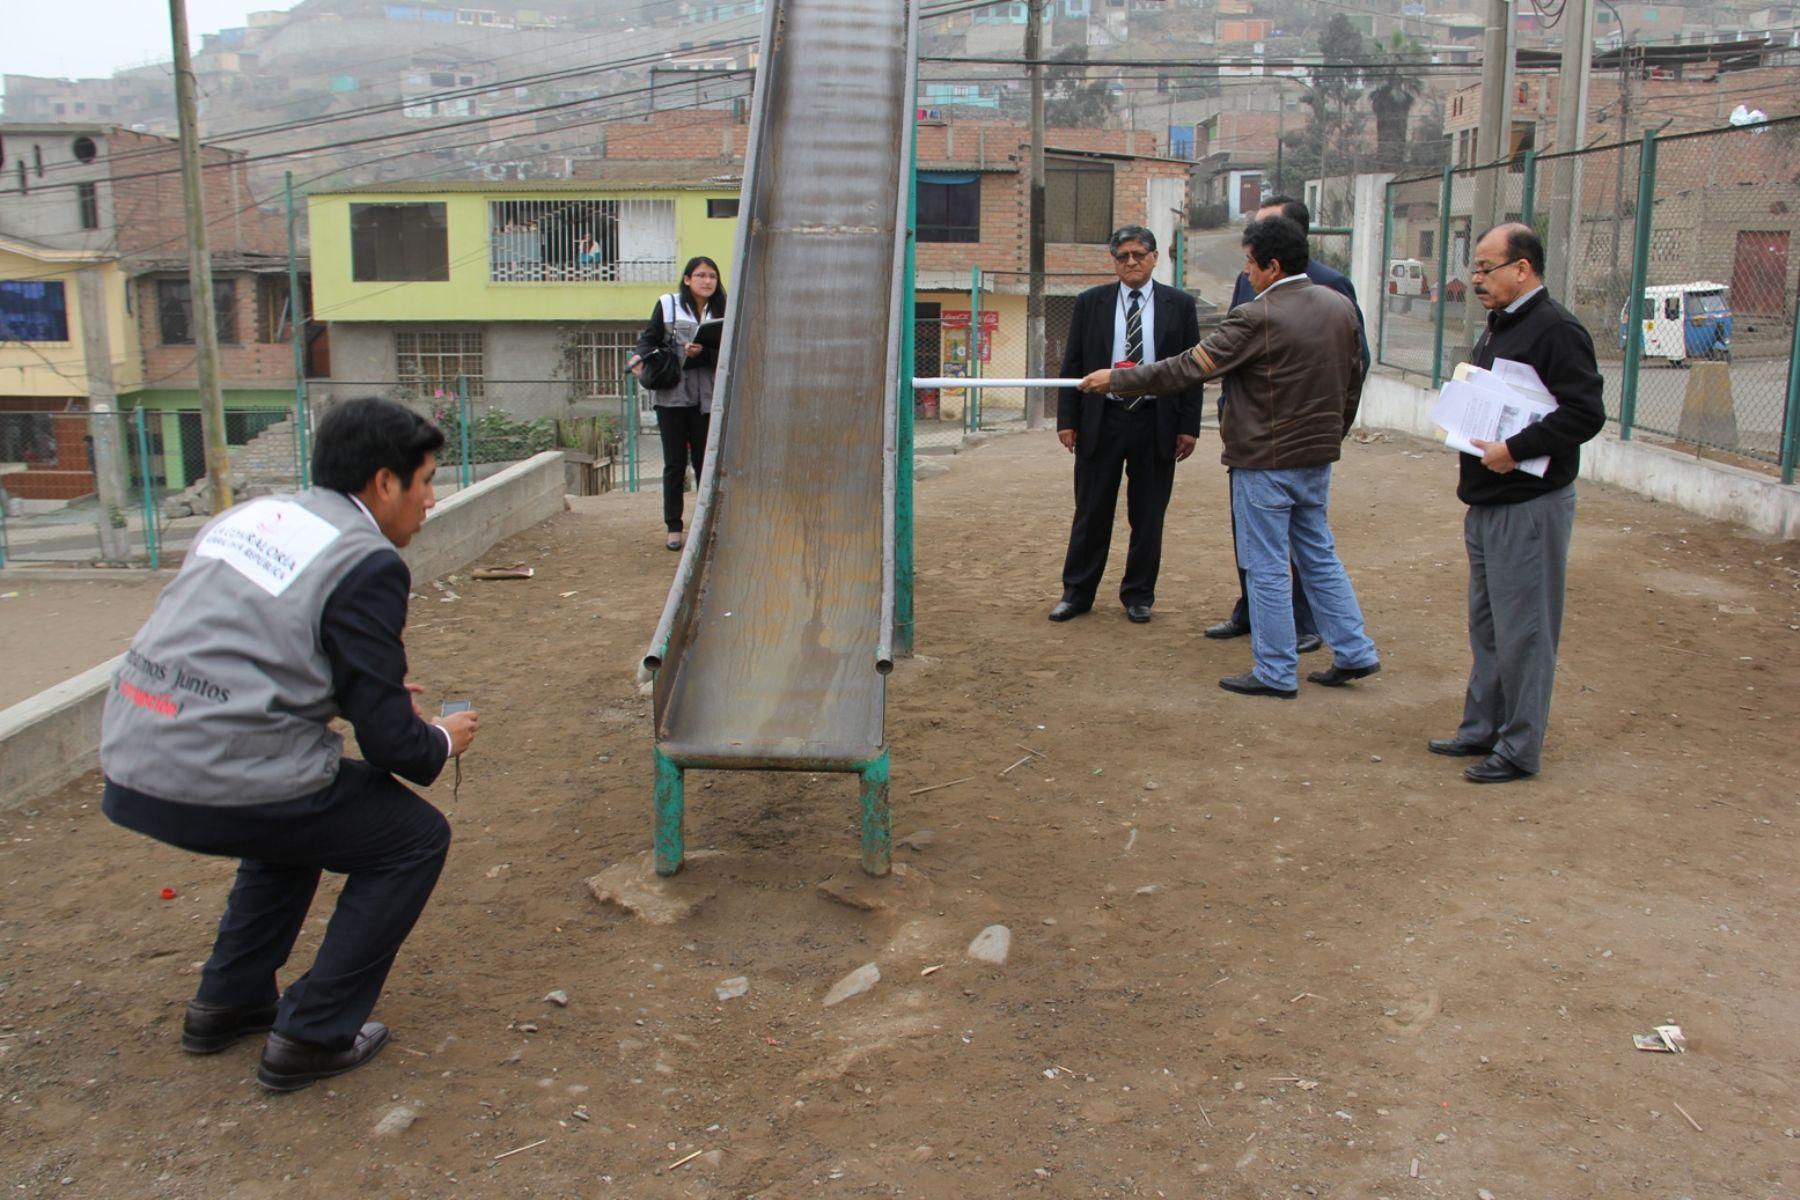 Verifican Seguridad En Parques Con Juegos Infantiles Para Prevenir